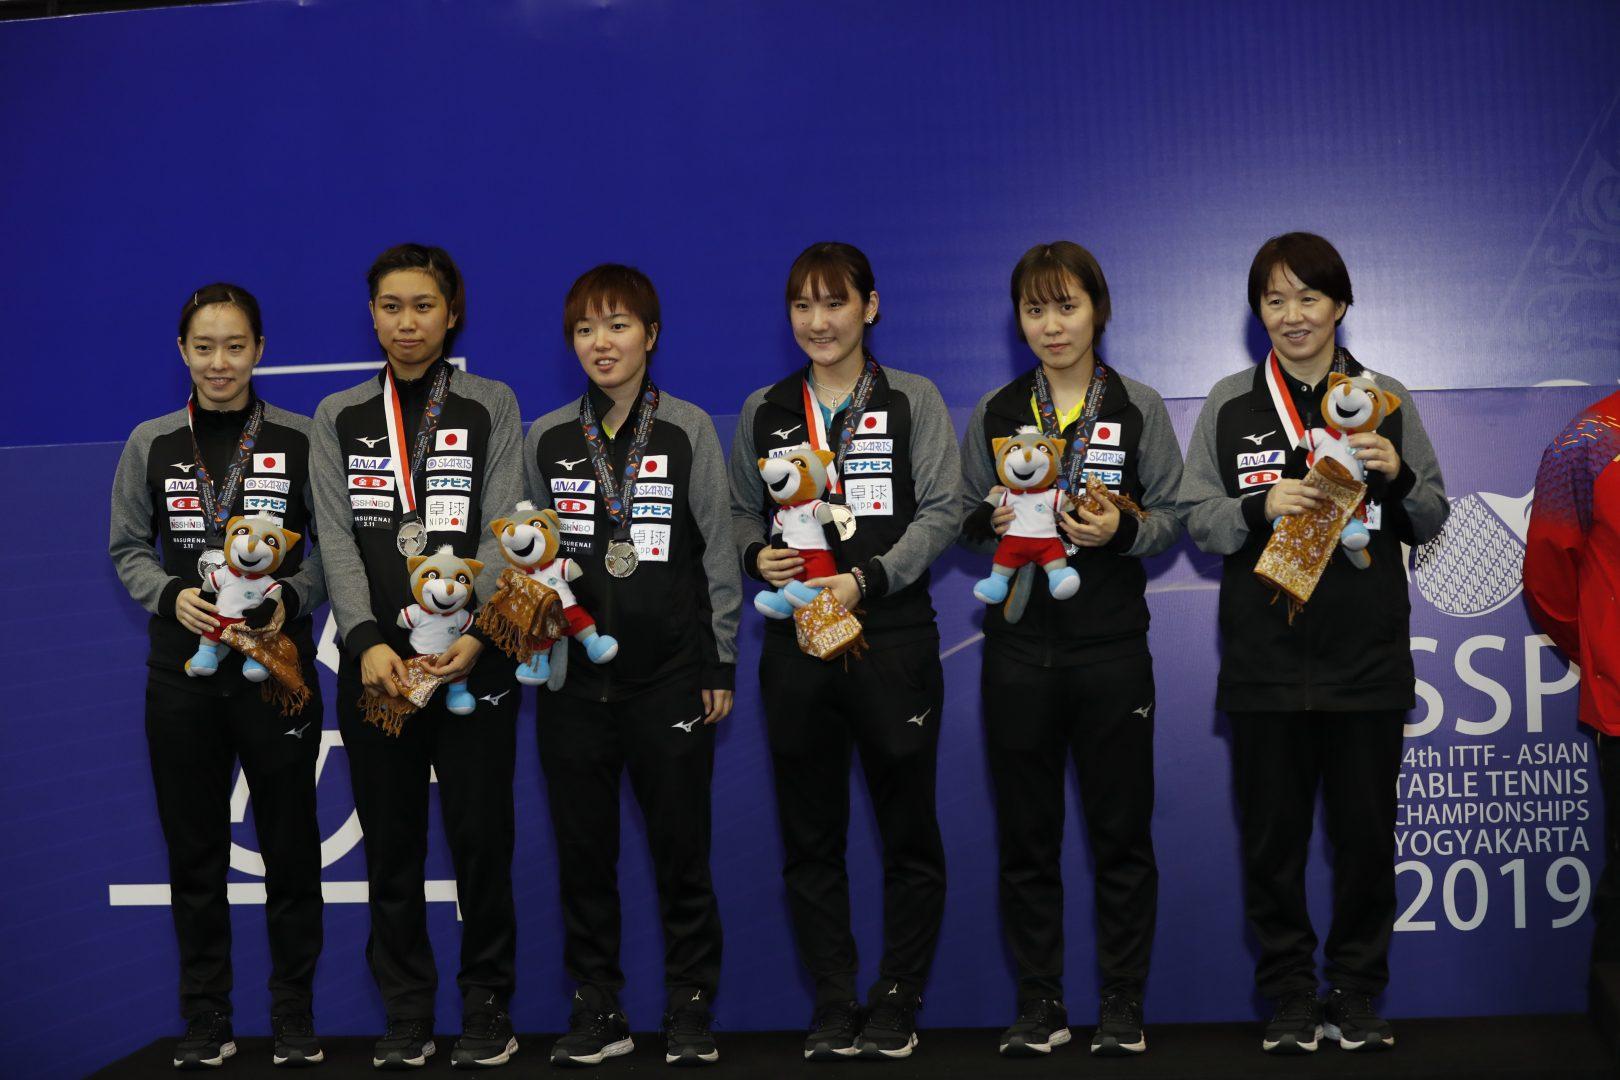 【今週の日本の卓球】日本女子団体銀メダル アジア卓球選手権 全日程終了